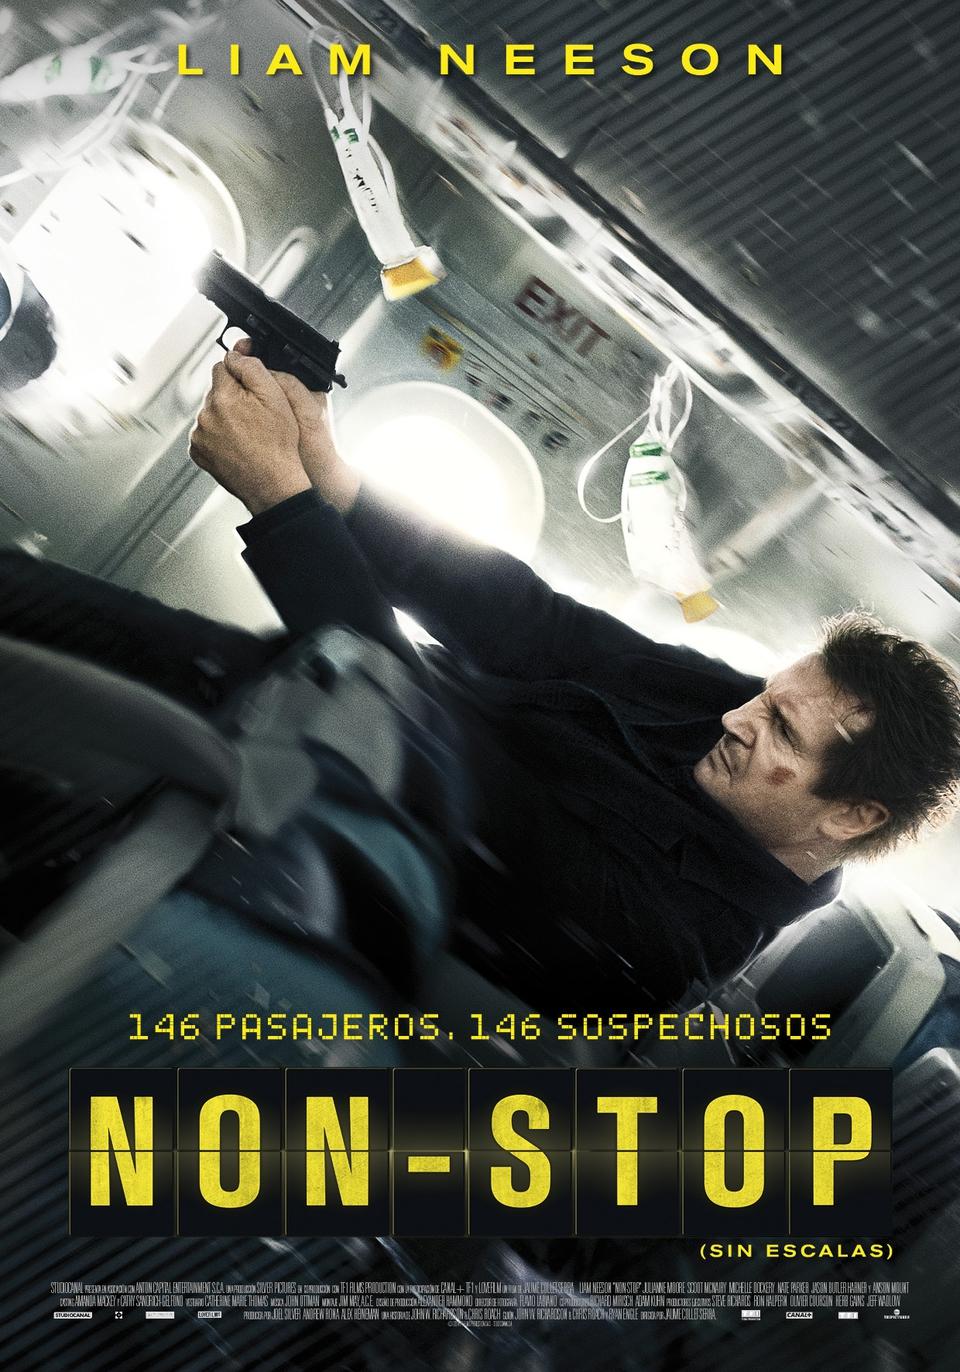 Película Non-Stop (Sin escalas) torrent descargar gratis online